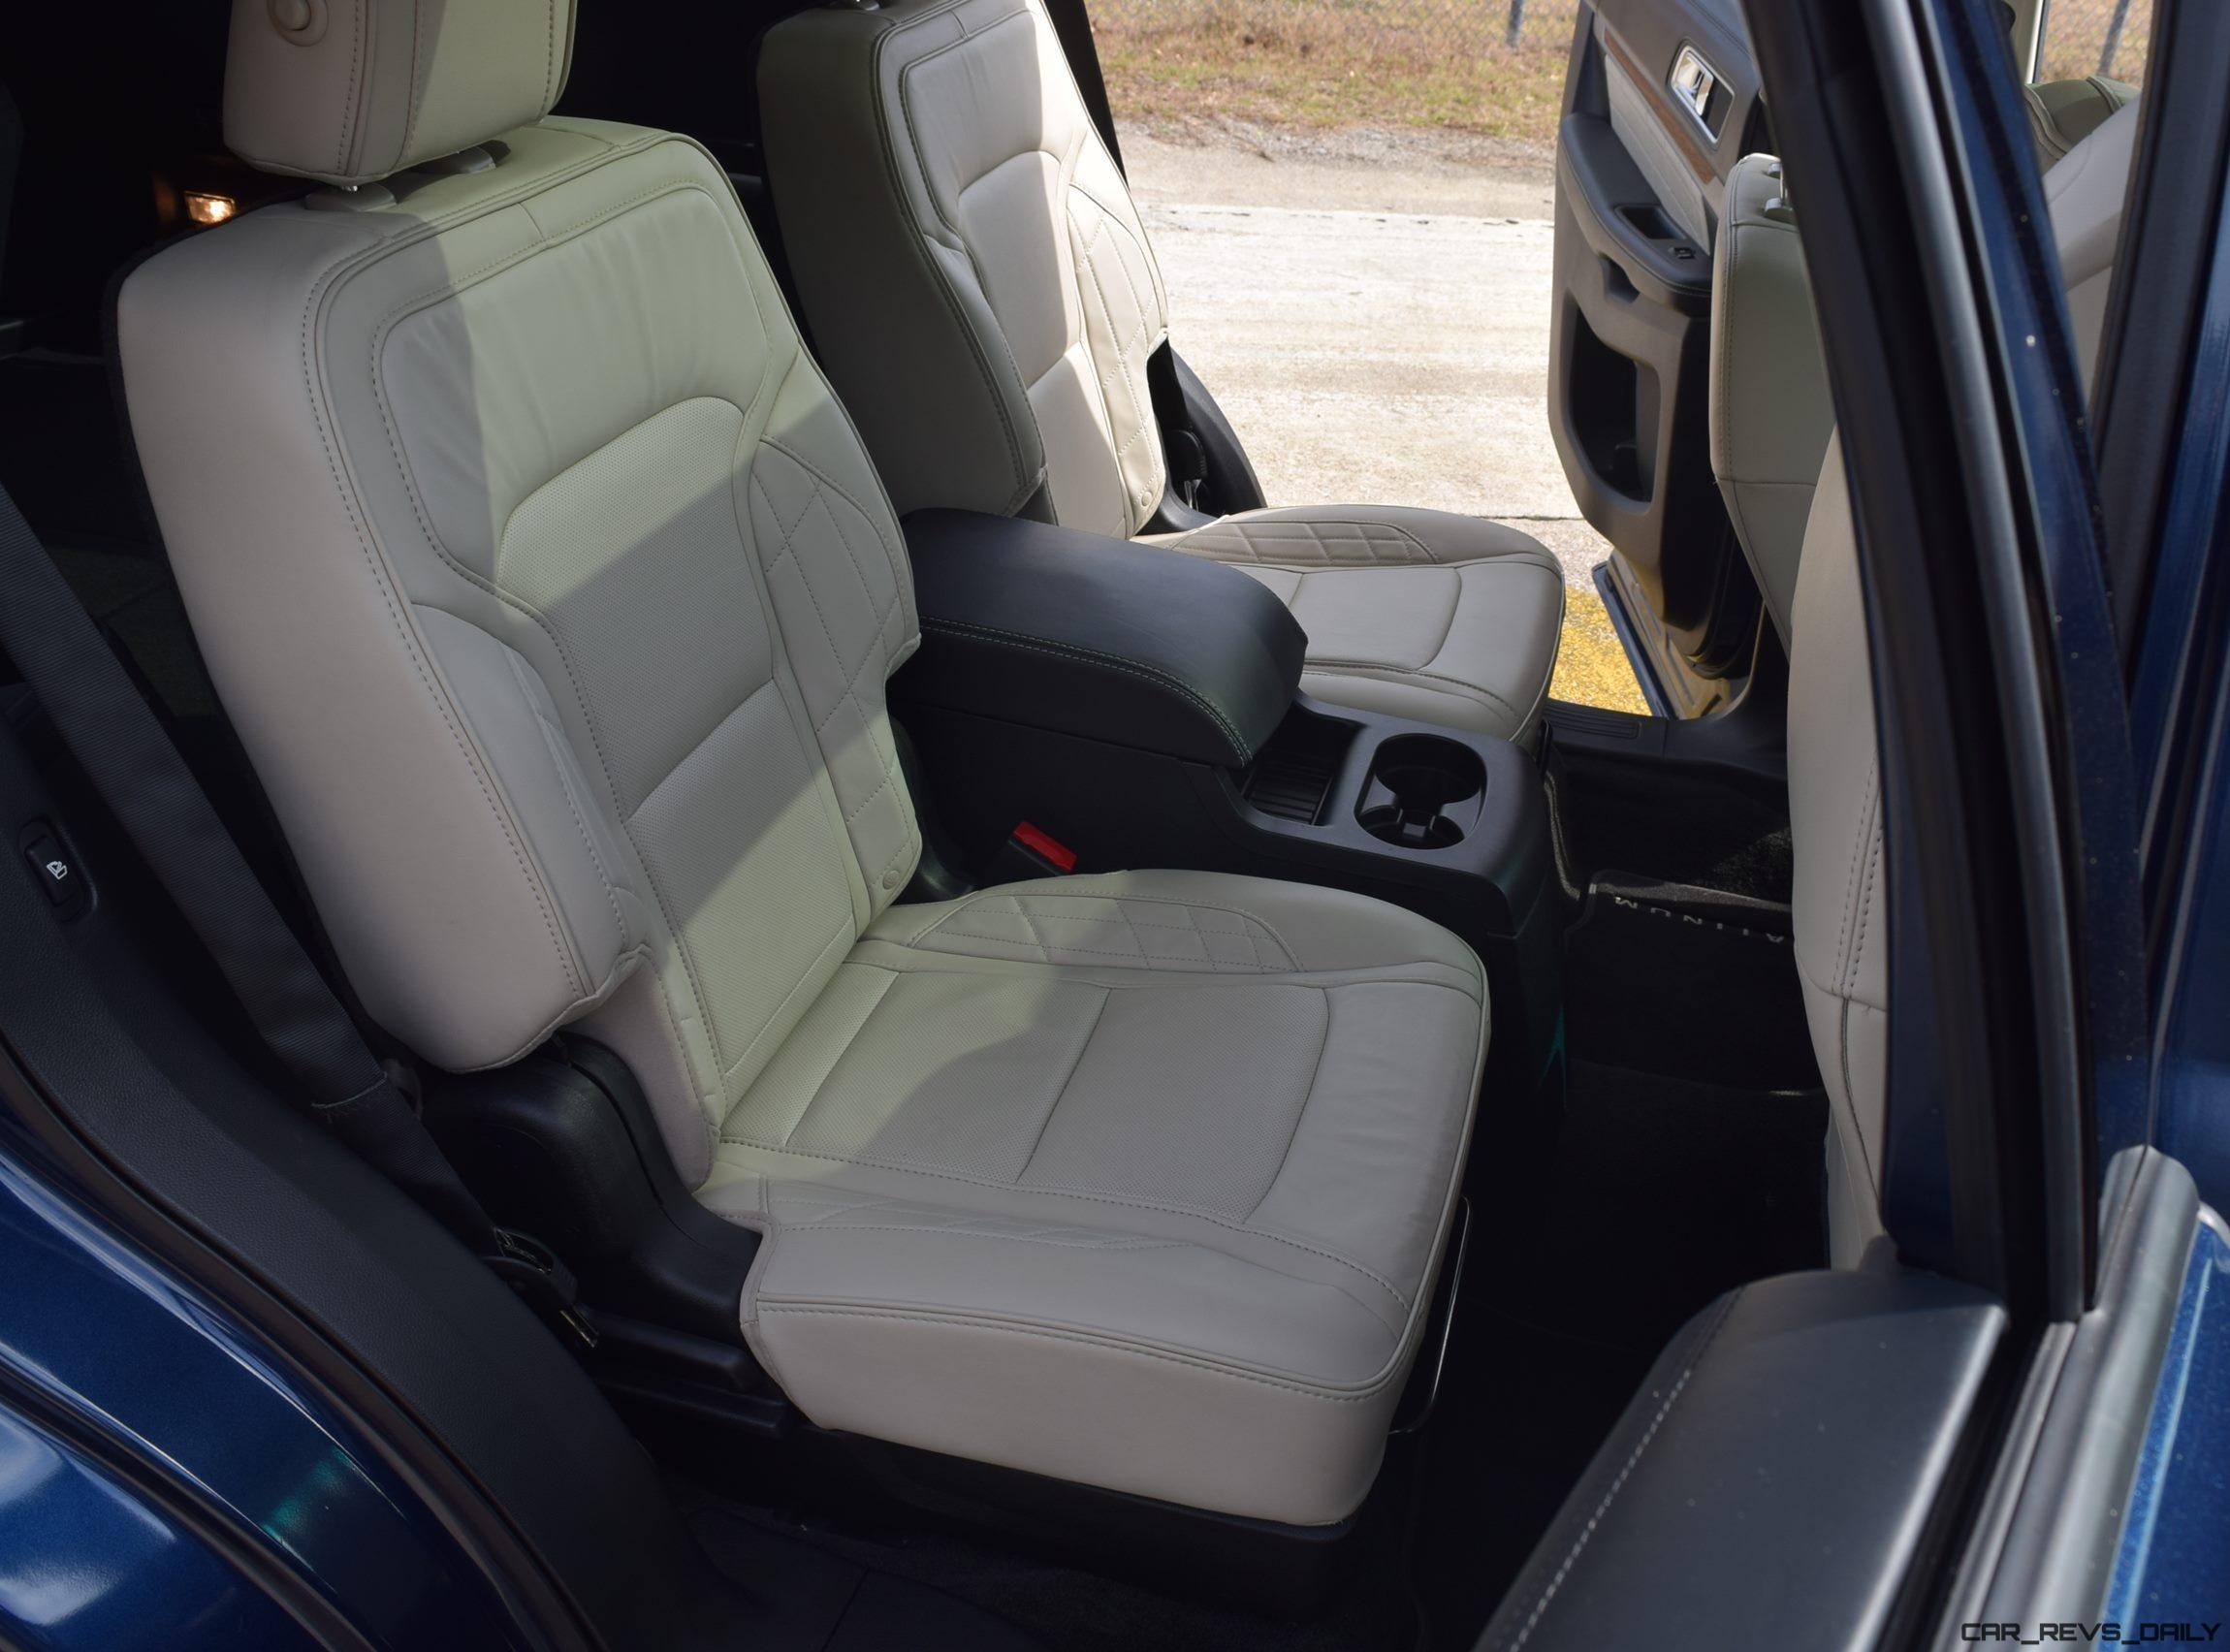 2017 Ford Explorer Platinum Interior 11